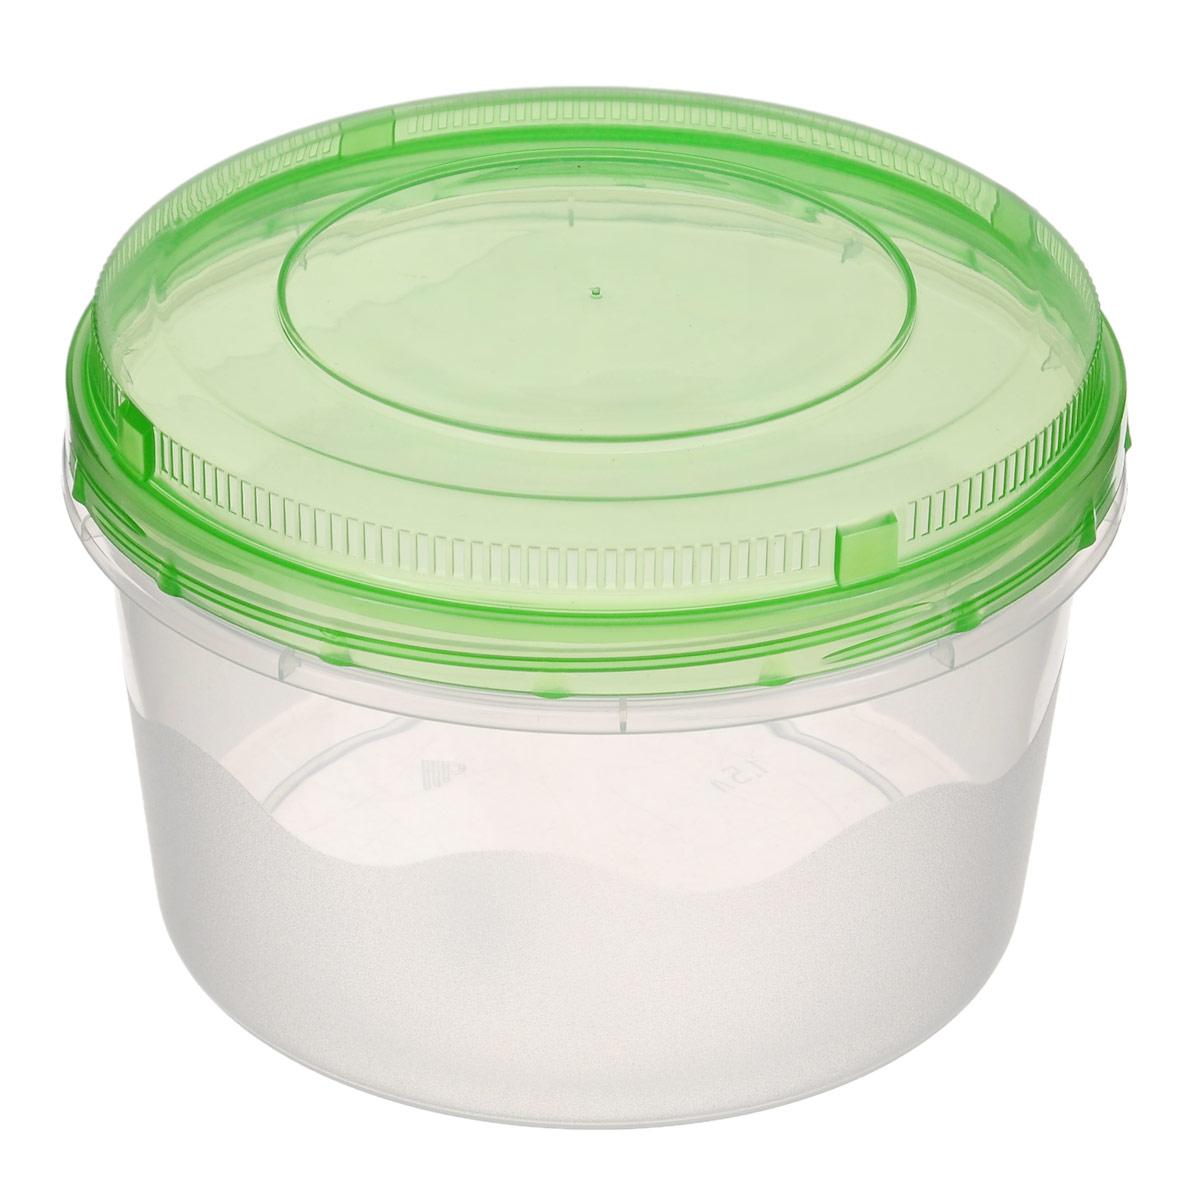 Контейнер Альтернатива, цвет: зеленый, 1,5 лМ1166_зеленыйКруглый контейнер для СВЧ Альтернатива выполнен из высококачественного пластика, абсолютно безопасного для использования с пищевыми продуктами. Контейнер имеет закручивающуюся крышку, обеспечивающую абсолютную герметичность и водонепроницаемость, не пропускает влагу и запахи, долго сохраняет свежесть продуктов. Диаметр: 15,5 см. Высота (без учета крышки): 9,5 см.